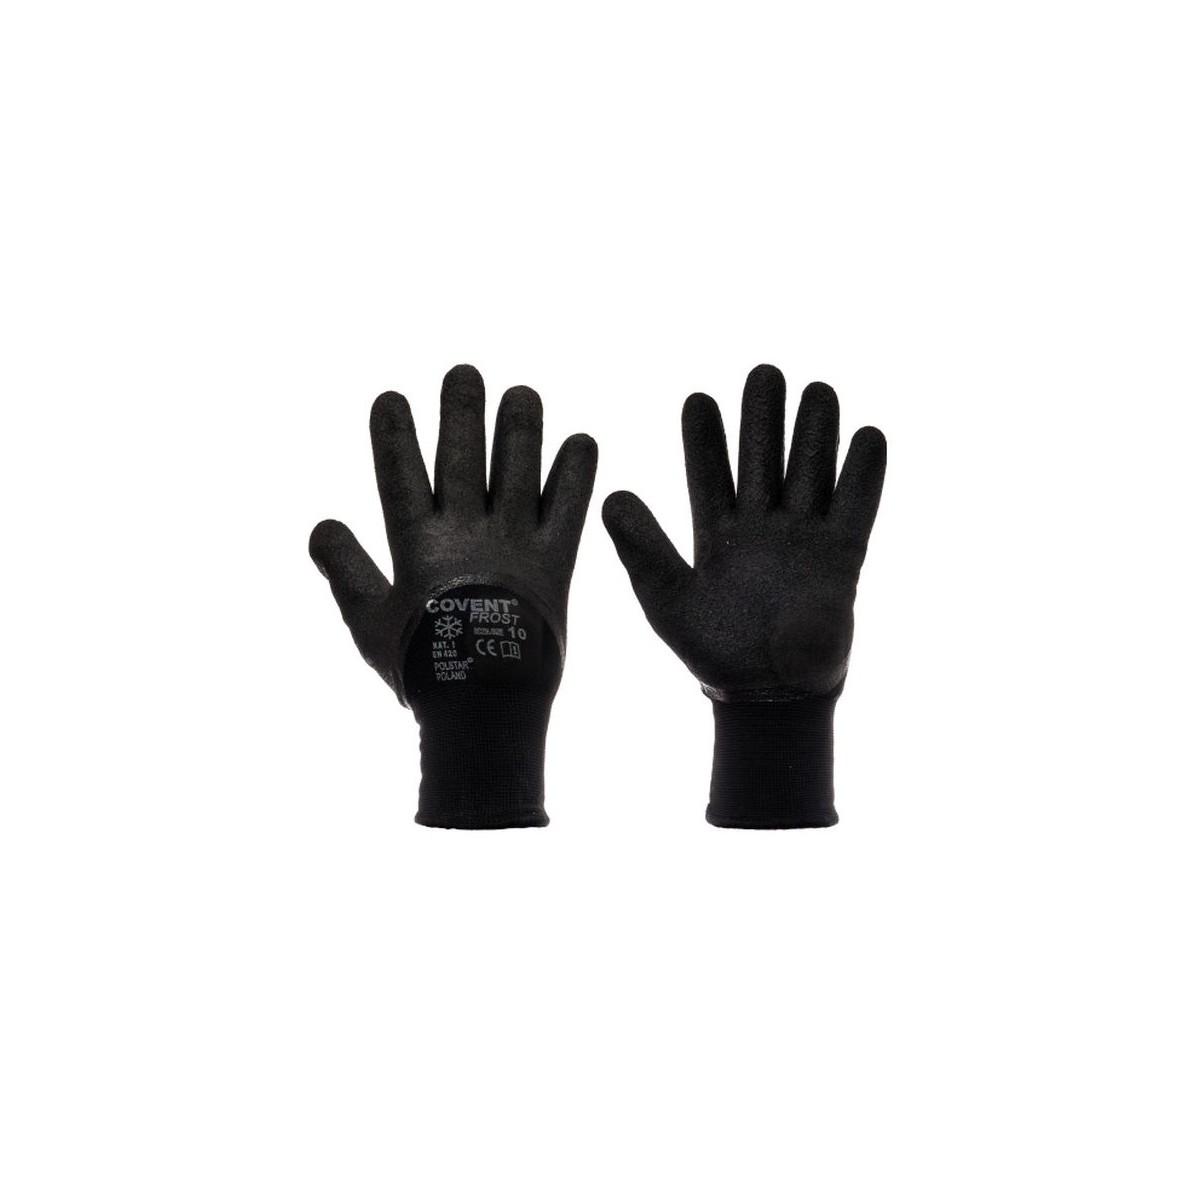 Rękawice rozm. 10, Convent Frost - POLSTAR Rękawice rozm. 10, Convent Frost - POLSTAR